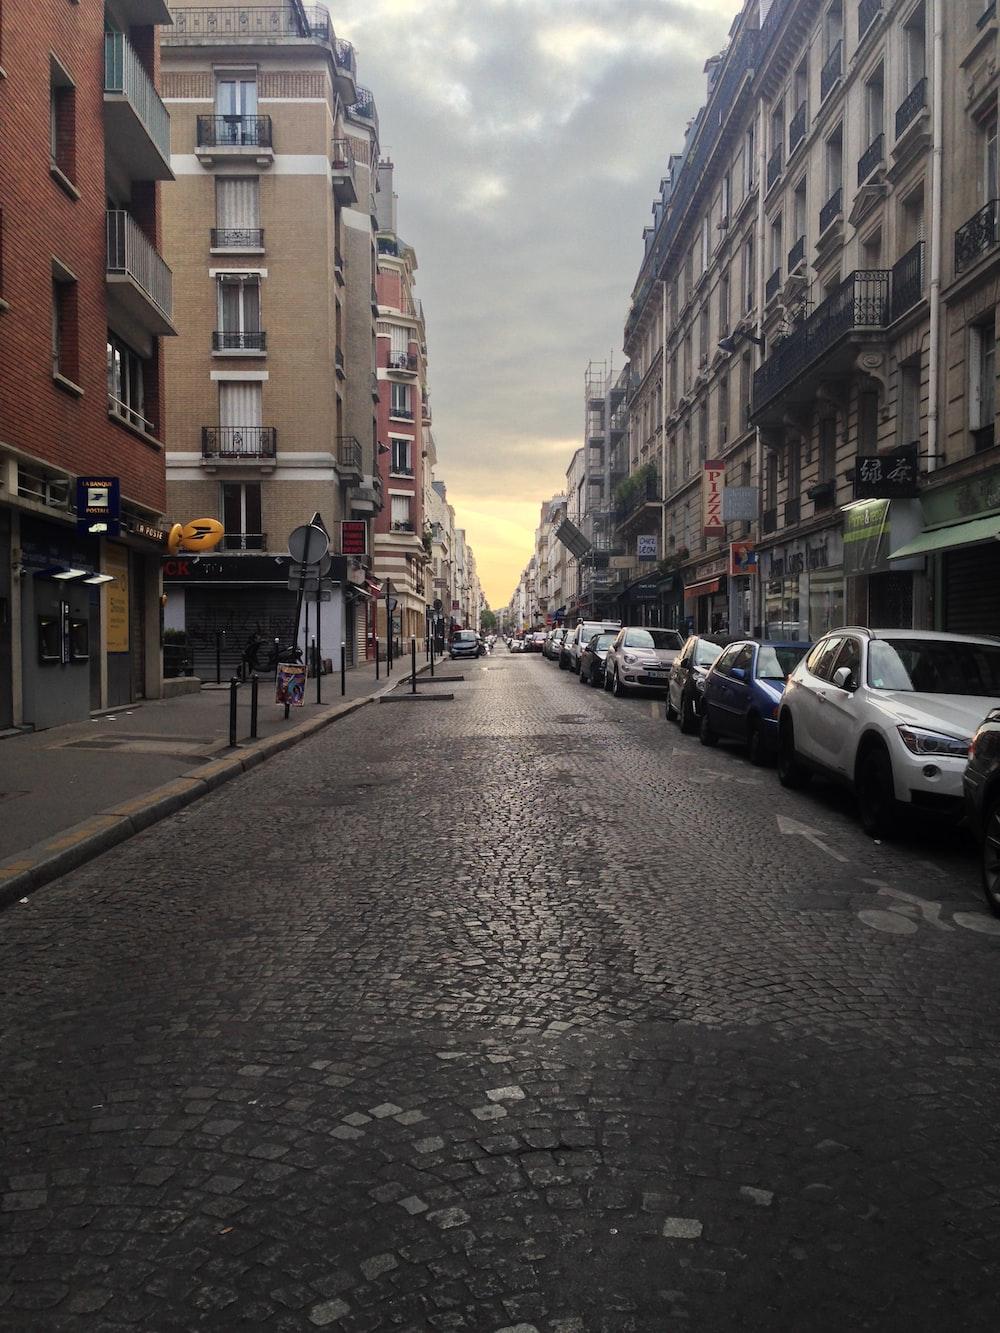 road street between two buildings